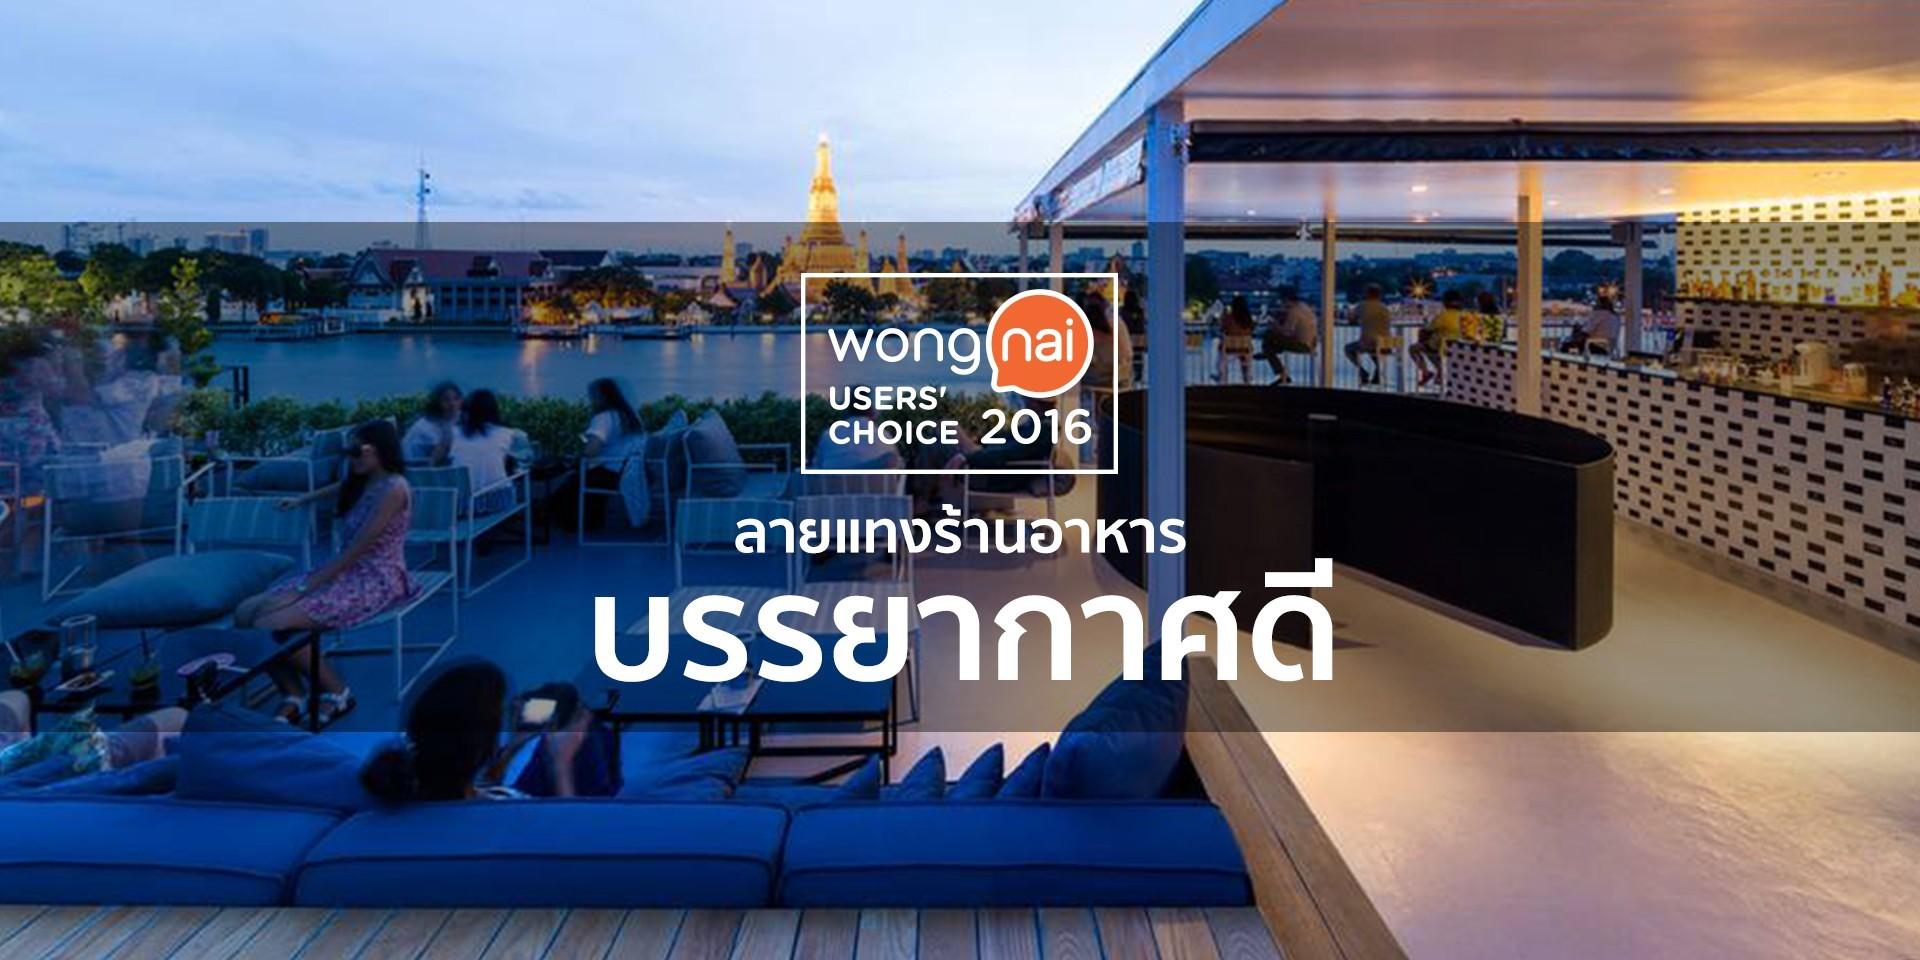 16 ร้านอาหารบรรยากาศดี ยอดนิยมทั่วกรุงเทพจาก Wongnai Users' Choice 201